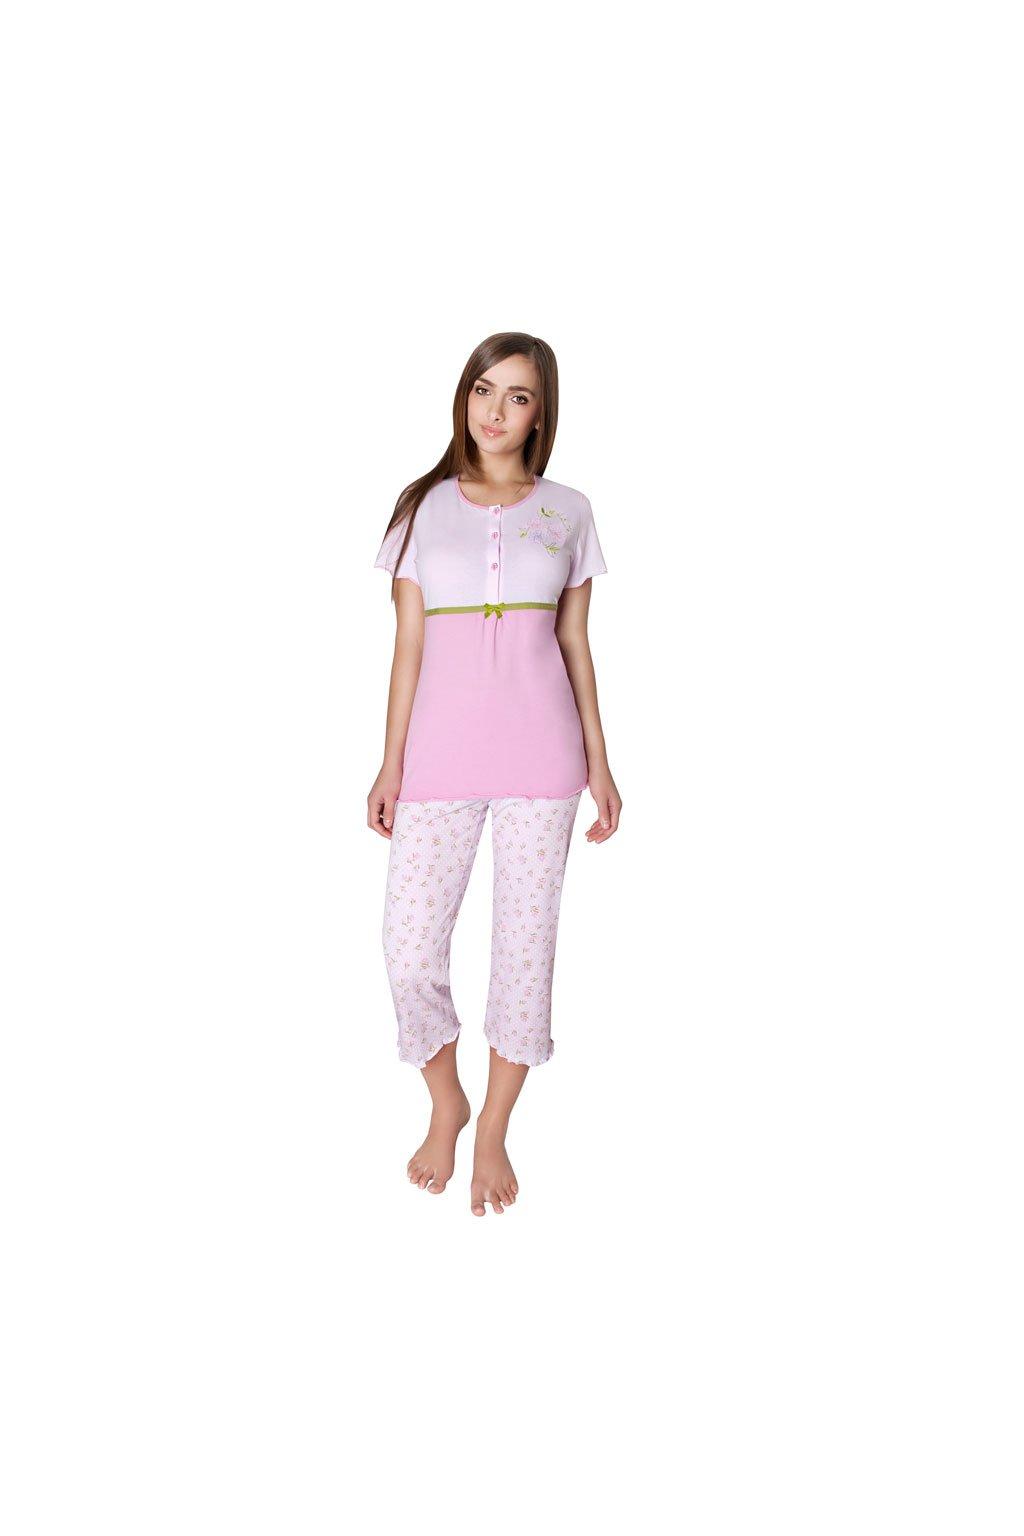 Dámské pyžamo s krátkým rukávem a 3/4 nohavicemi, 104233 225, růžová